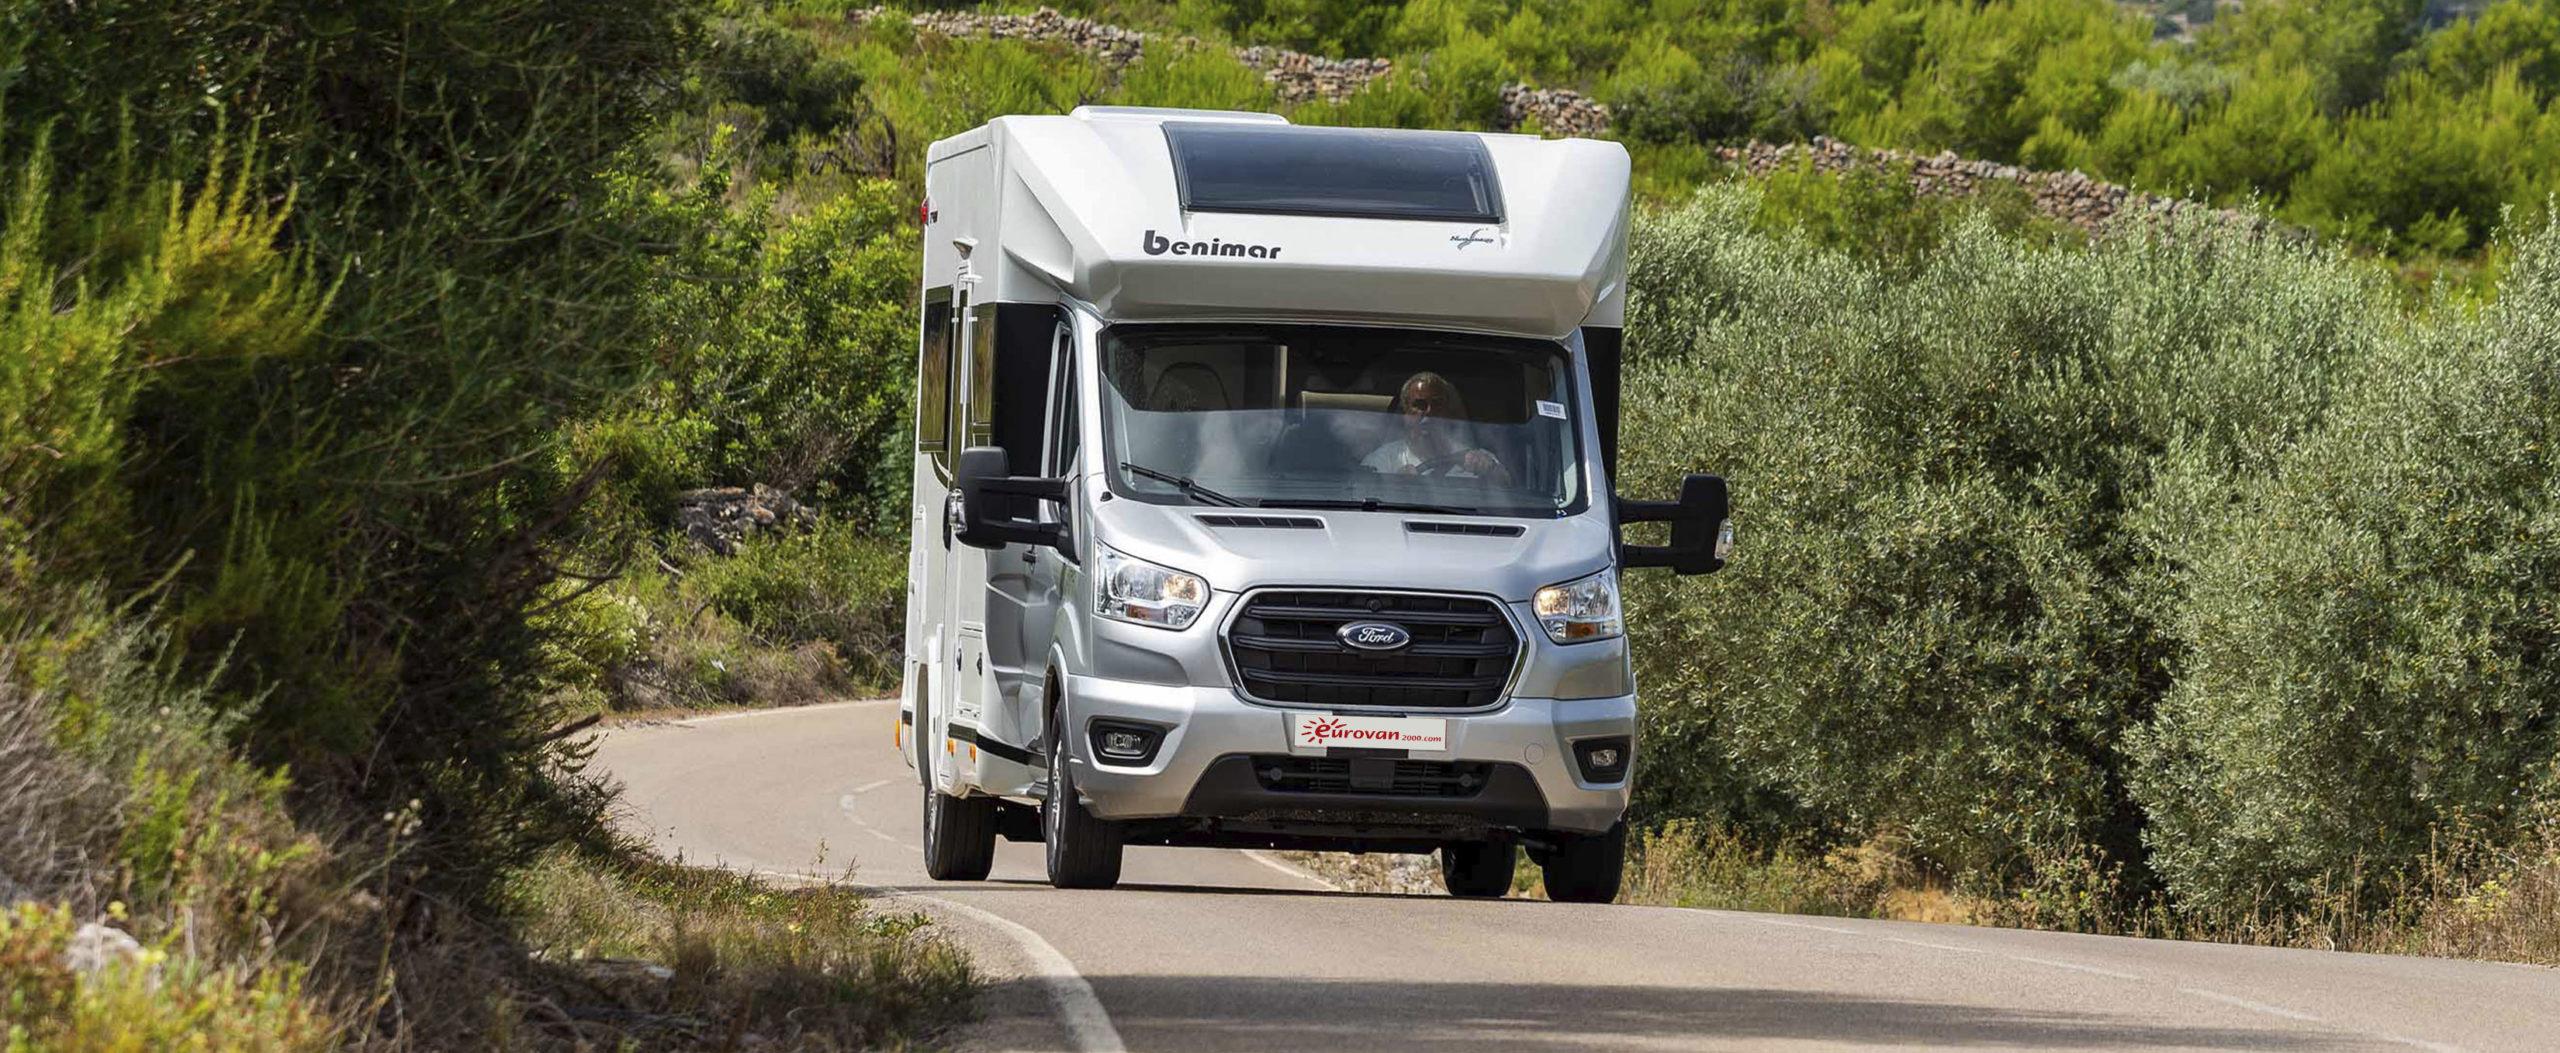 enlaces para viajar en autocaravana